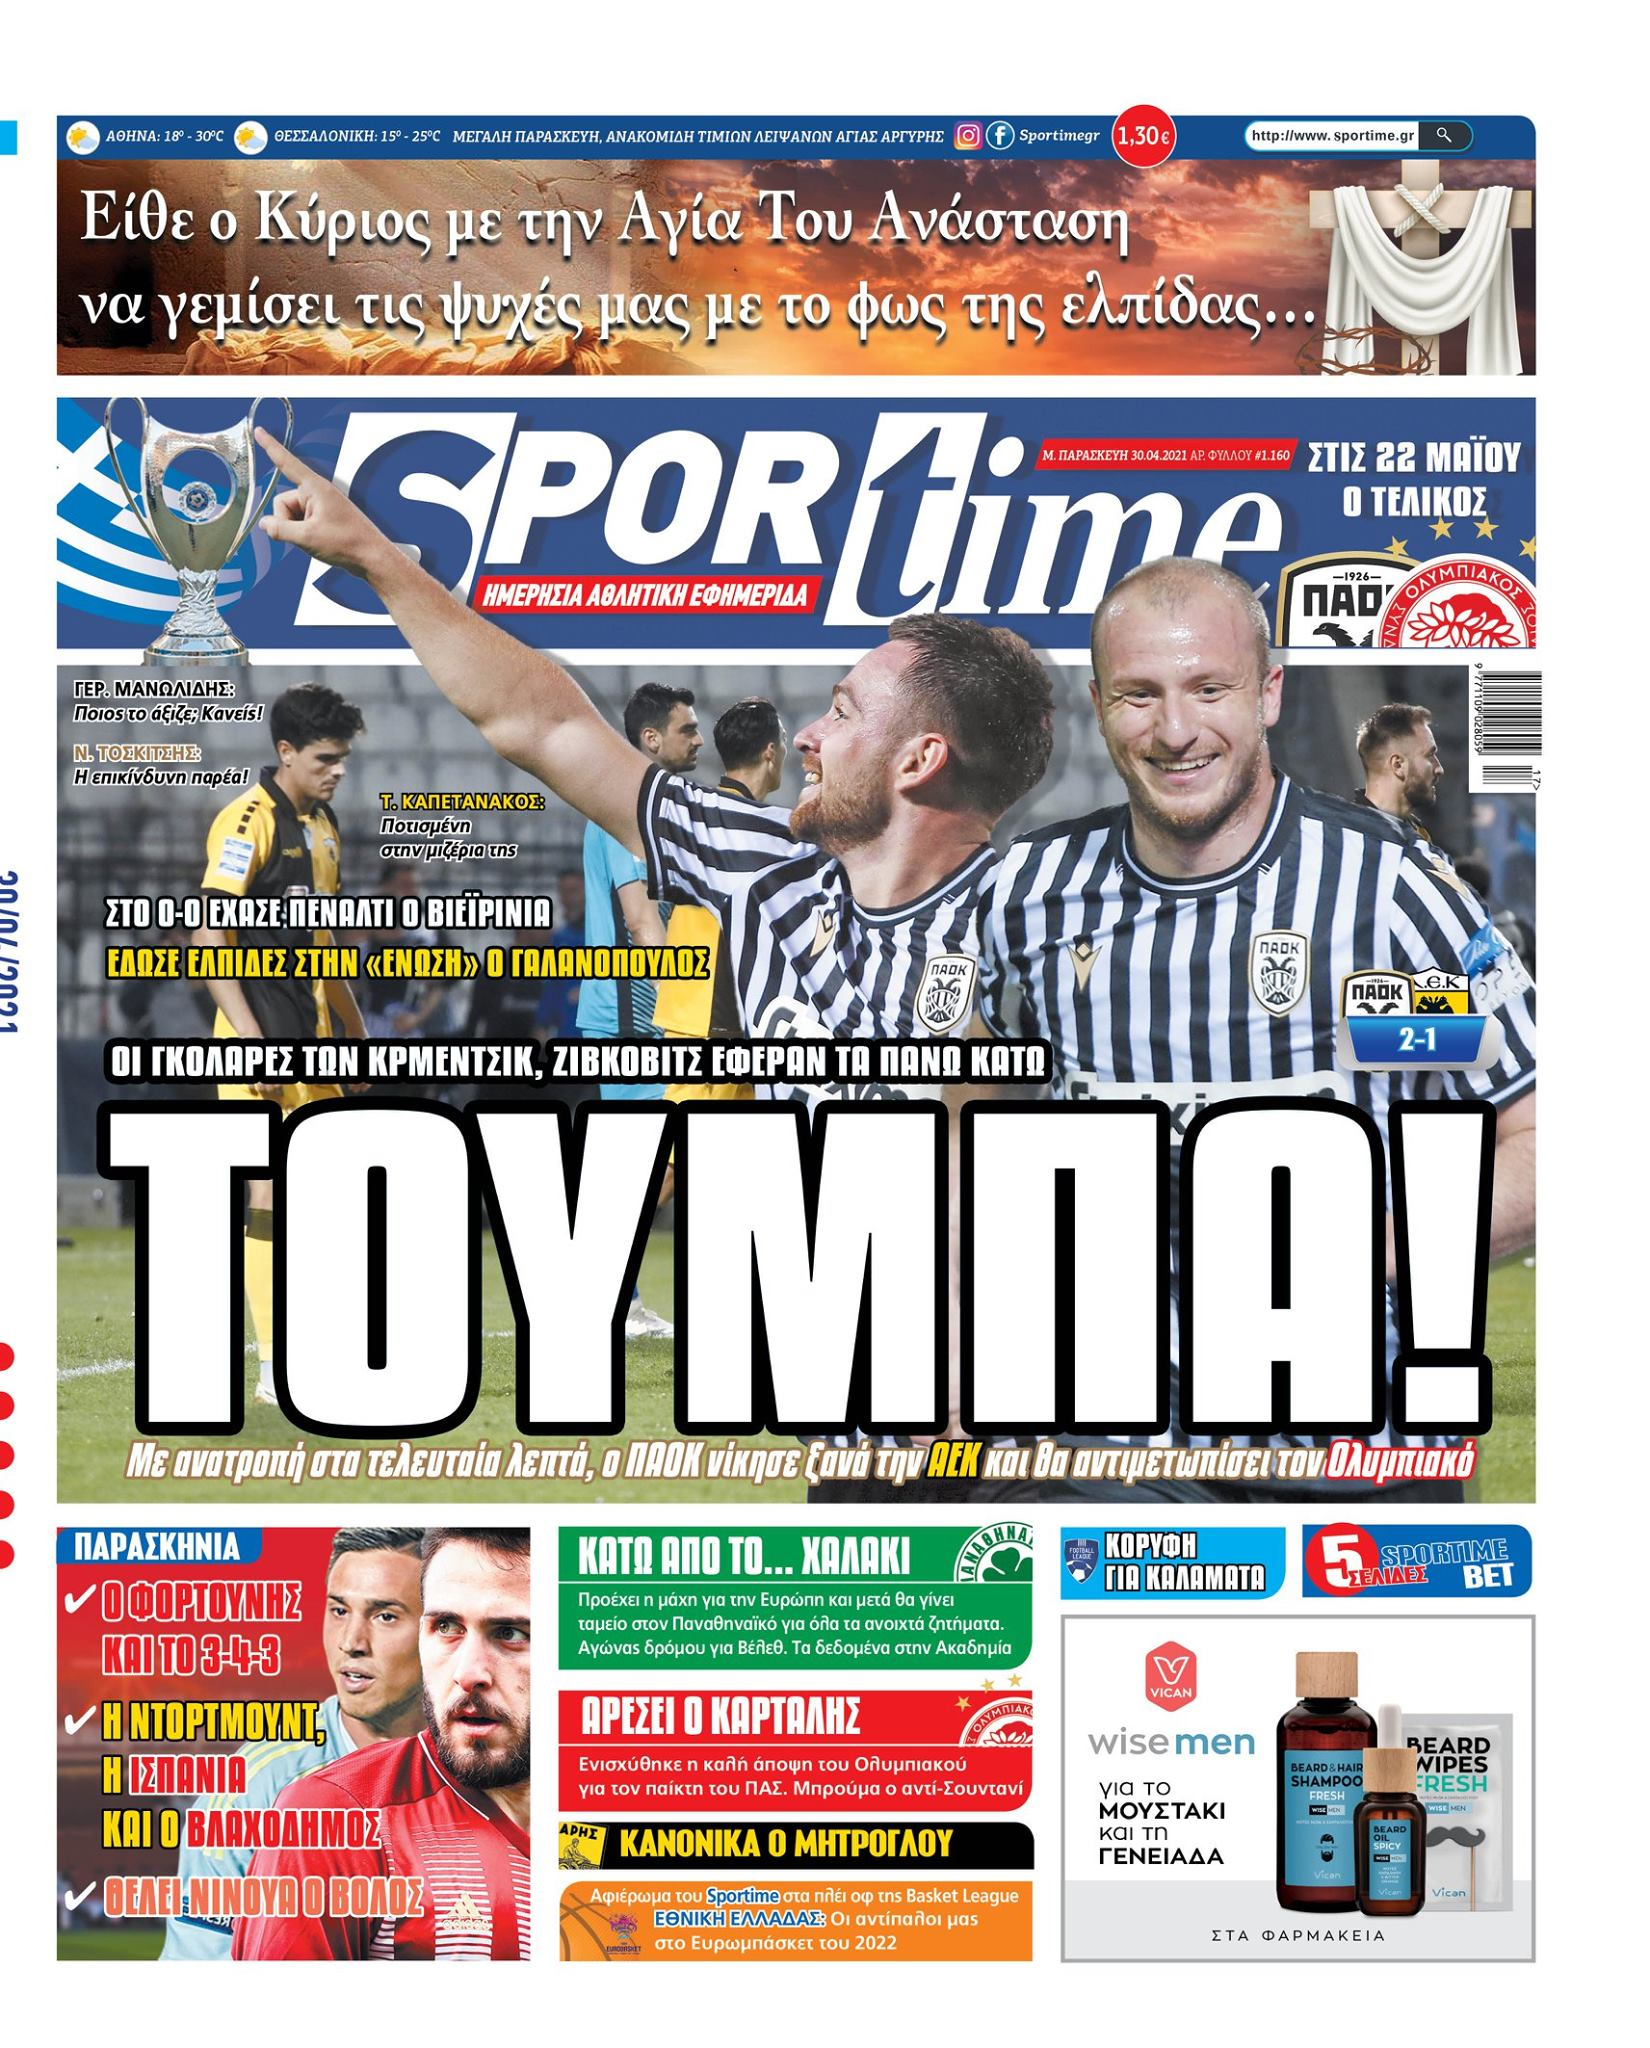 Εφημερίδα SPORTIME - Εξώφυλλο φύλλου 30/4/2021